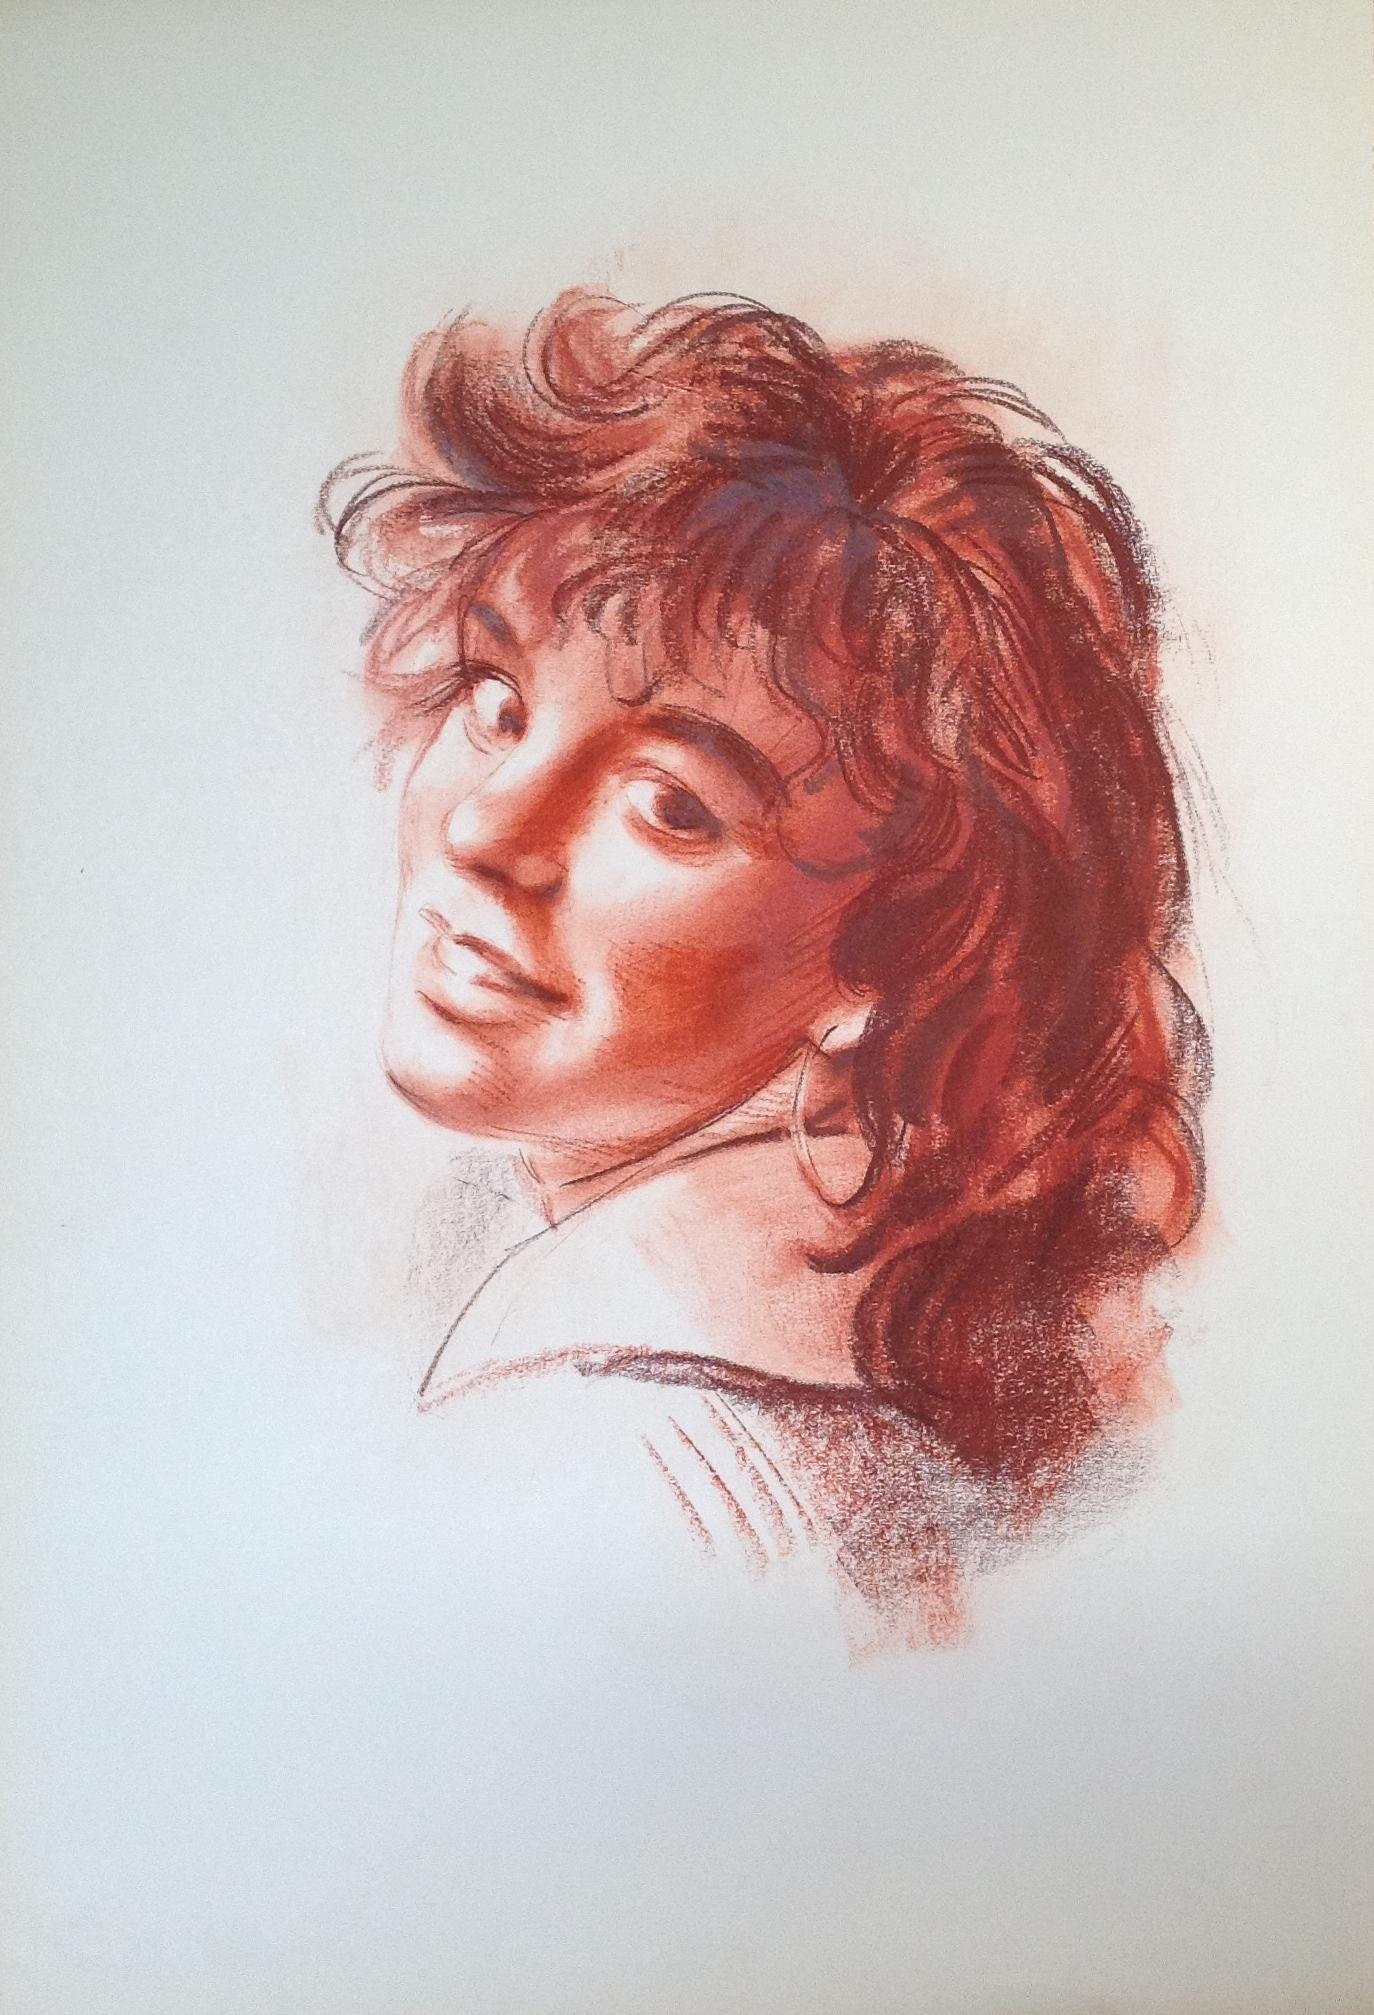 Romantica ritratto di giovane donna sorridente con orecchino di Gigi Busato disegno a sanguigna/seppia su carta collezione di famiglia